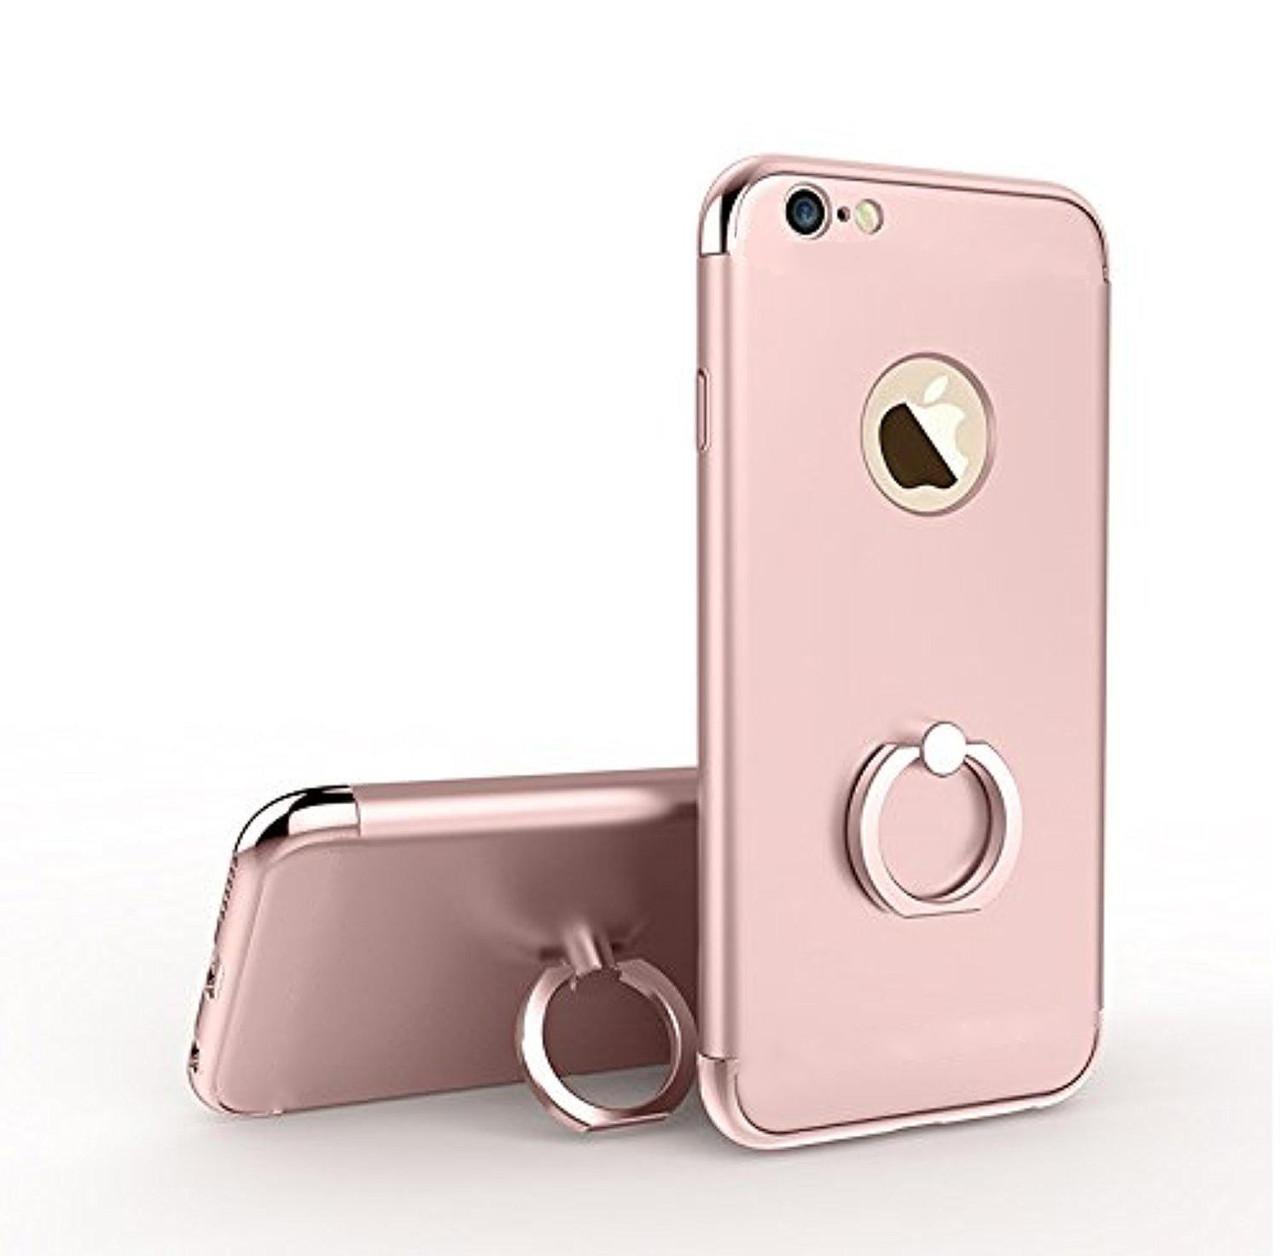 Пластиковый чехол JOYROOM с кольцом для iPhone 7 (Rose Gold)